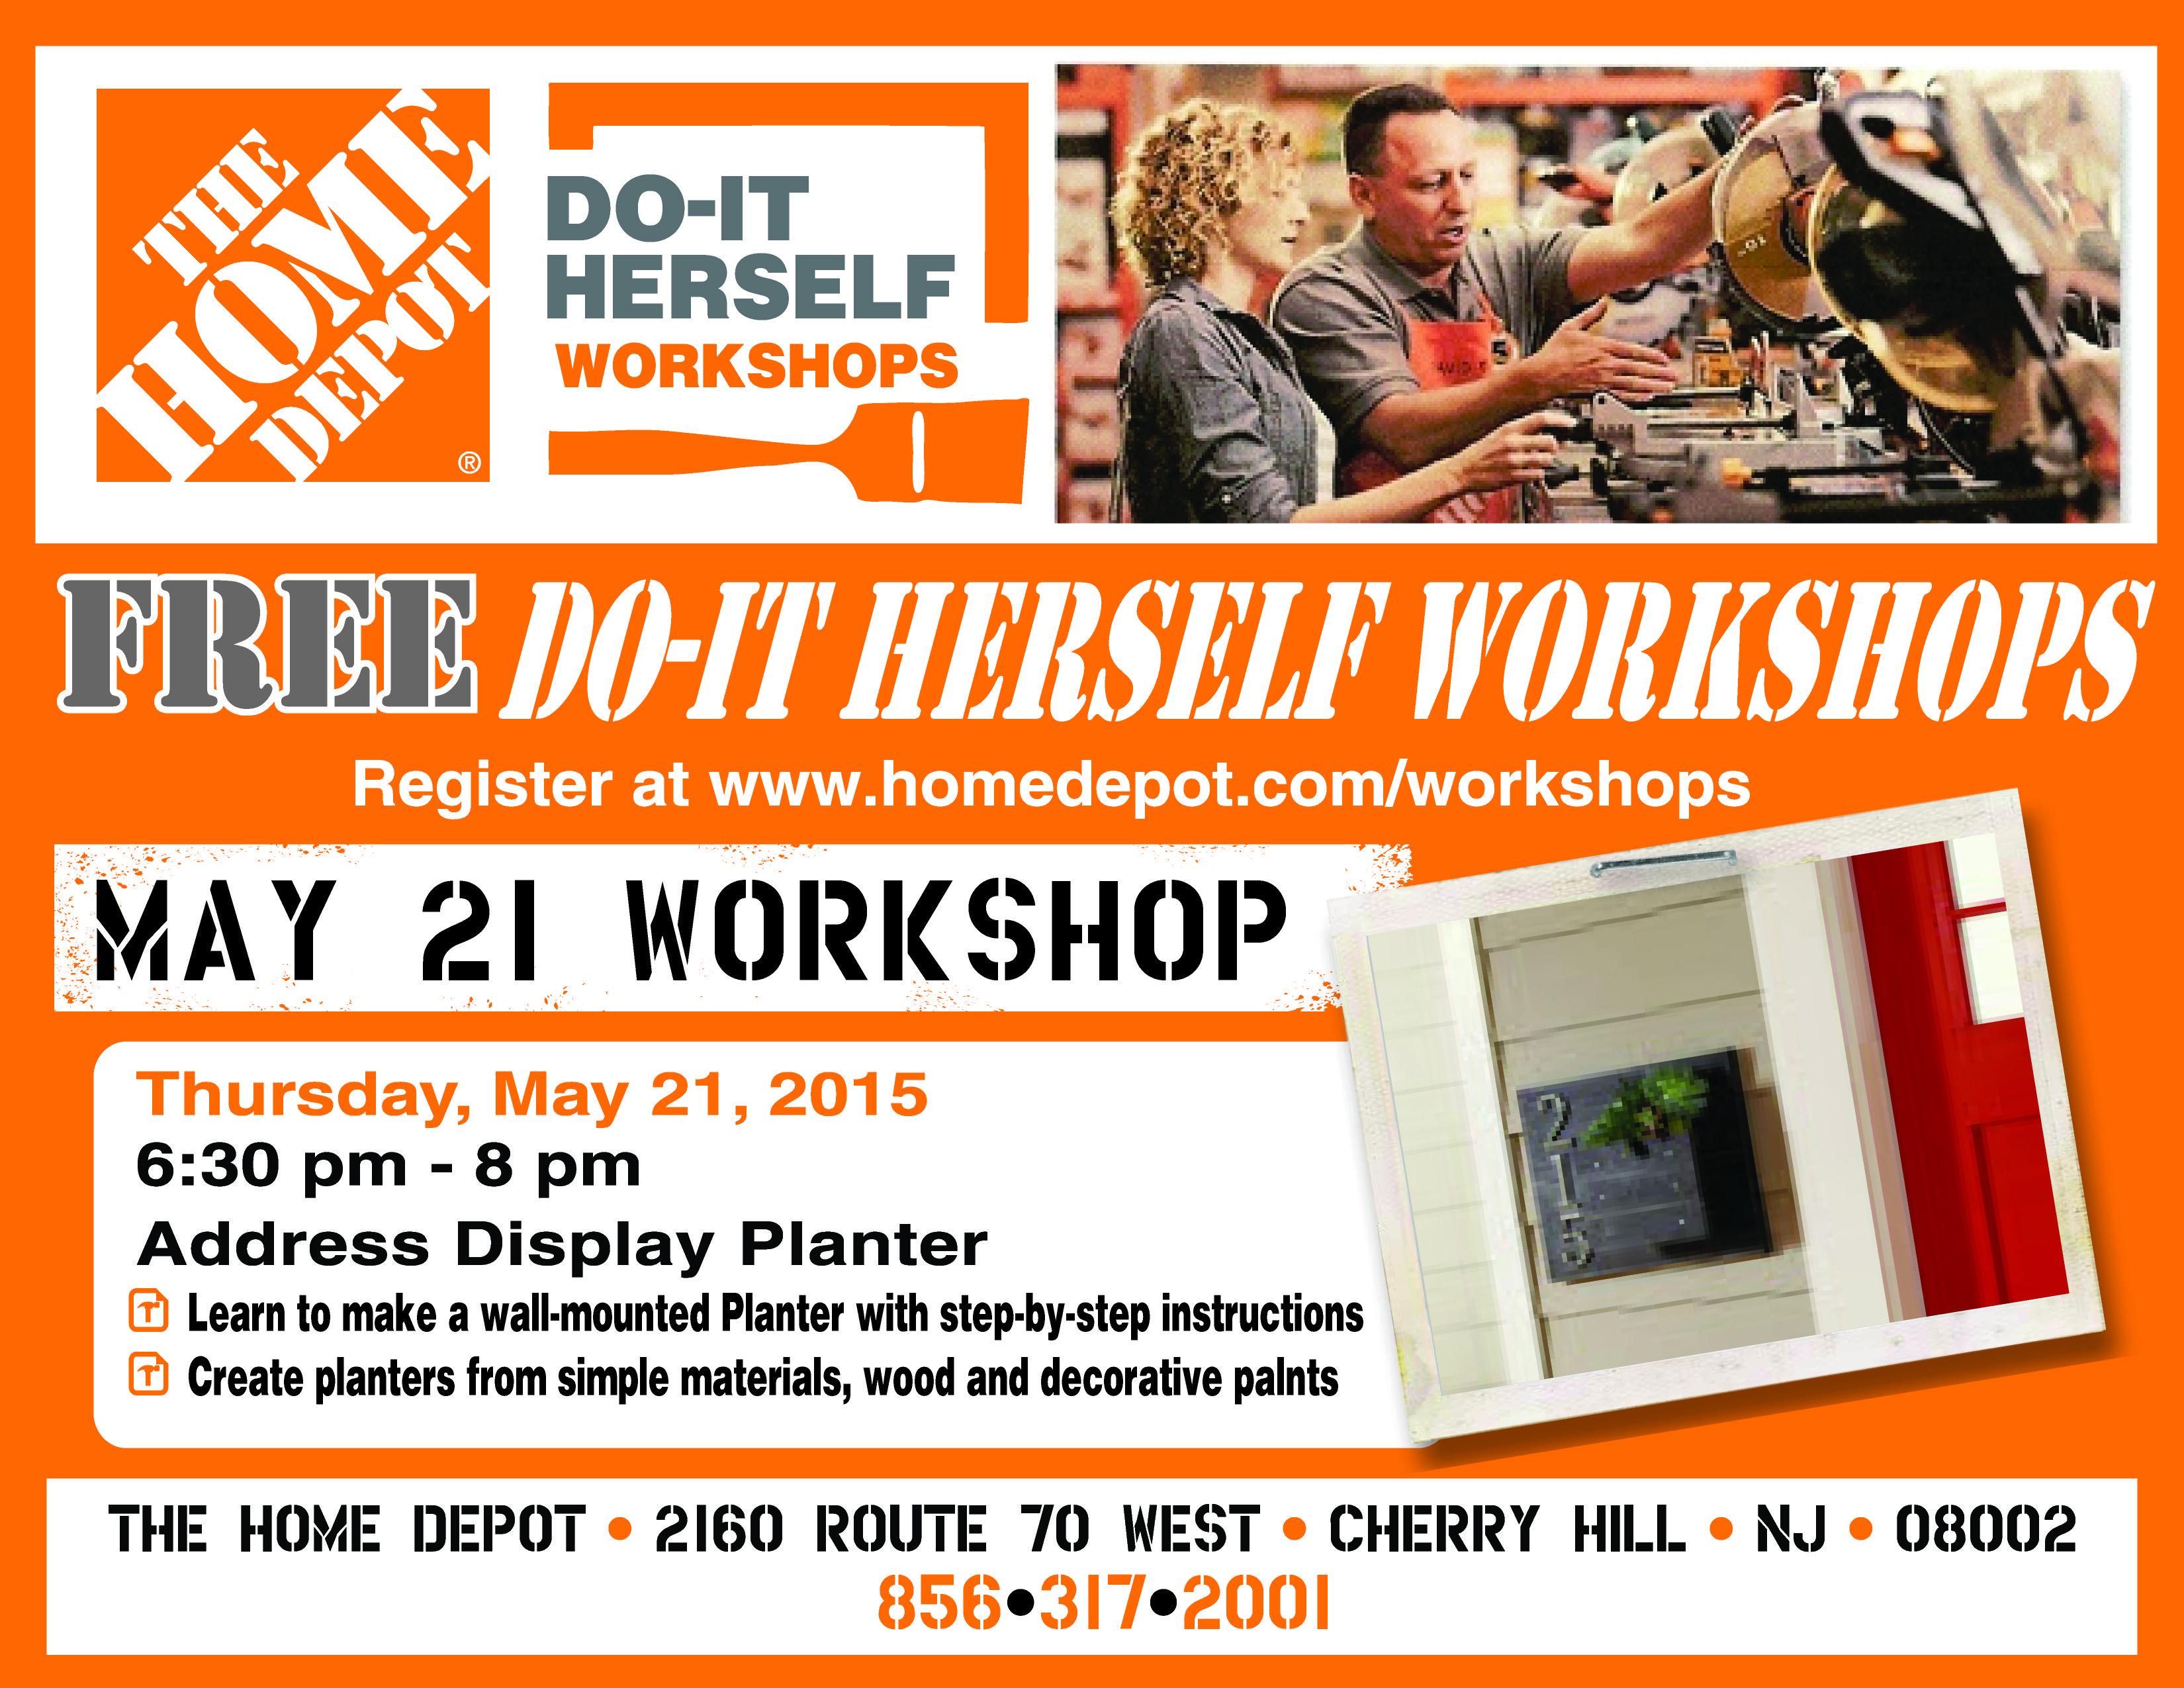 Home Depot Do It Herself Workshops Free Workshops Now Let S Do